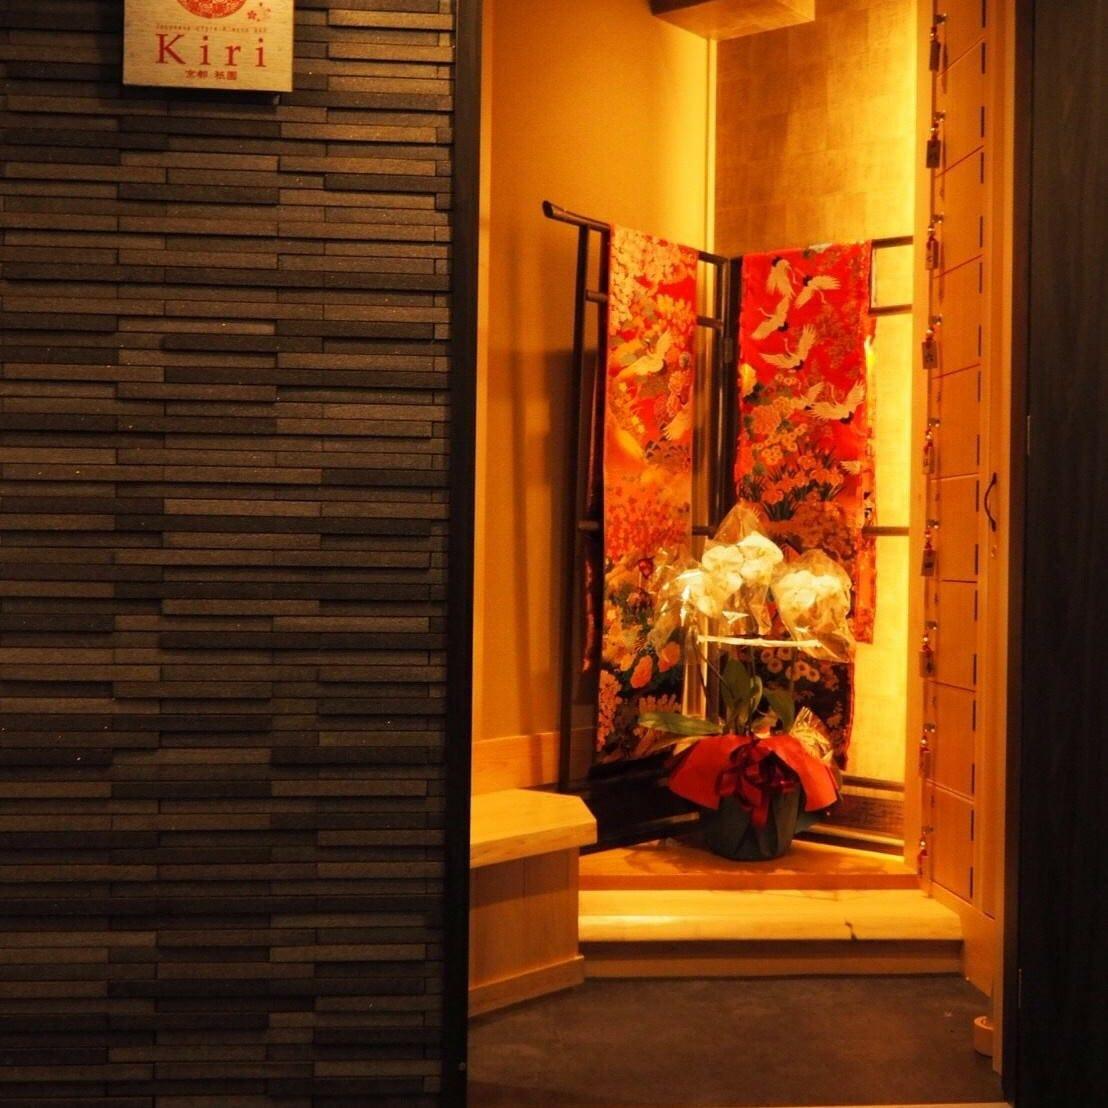 著物バー キリ -Kimono Bar Kiri-